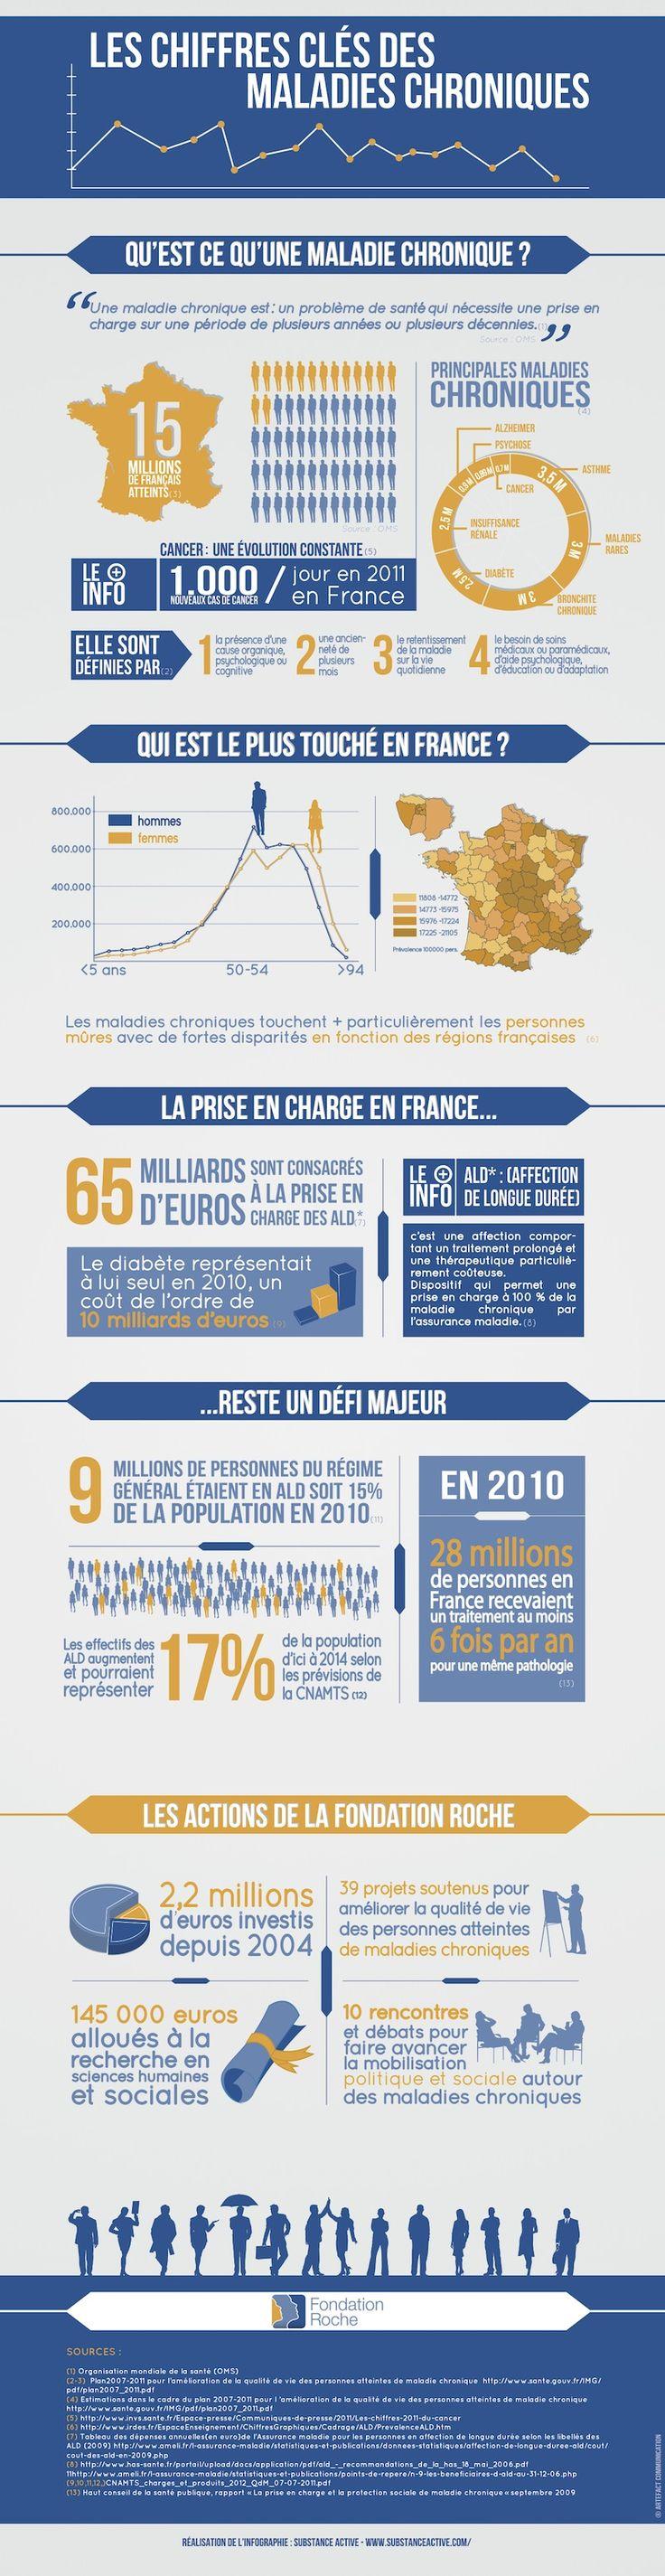 Infographie : Les chiffres clés des maladies chroniques - La voix des patients.